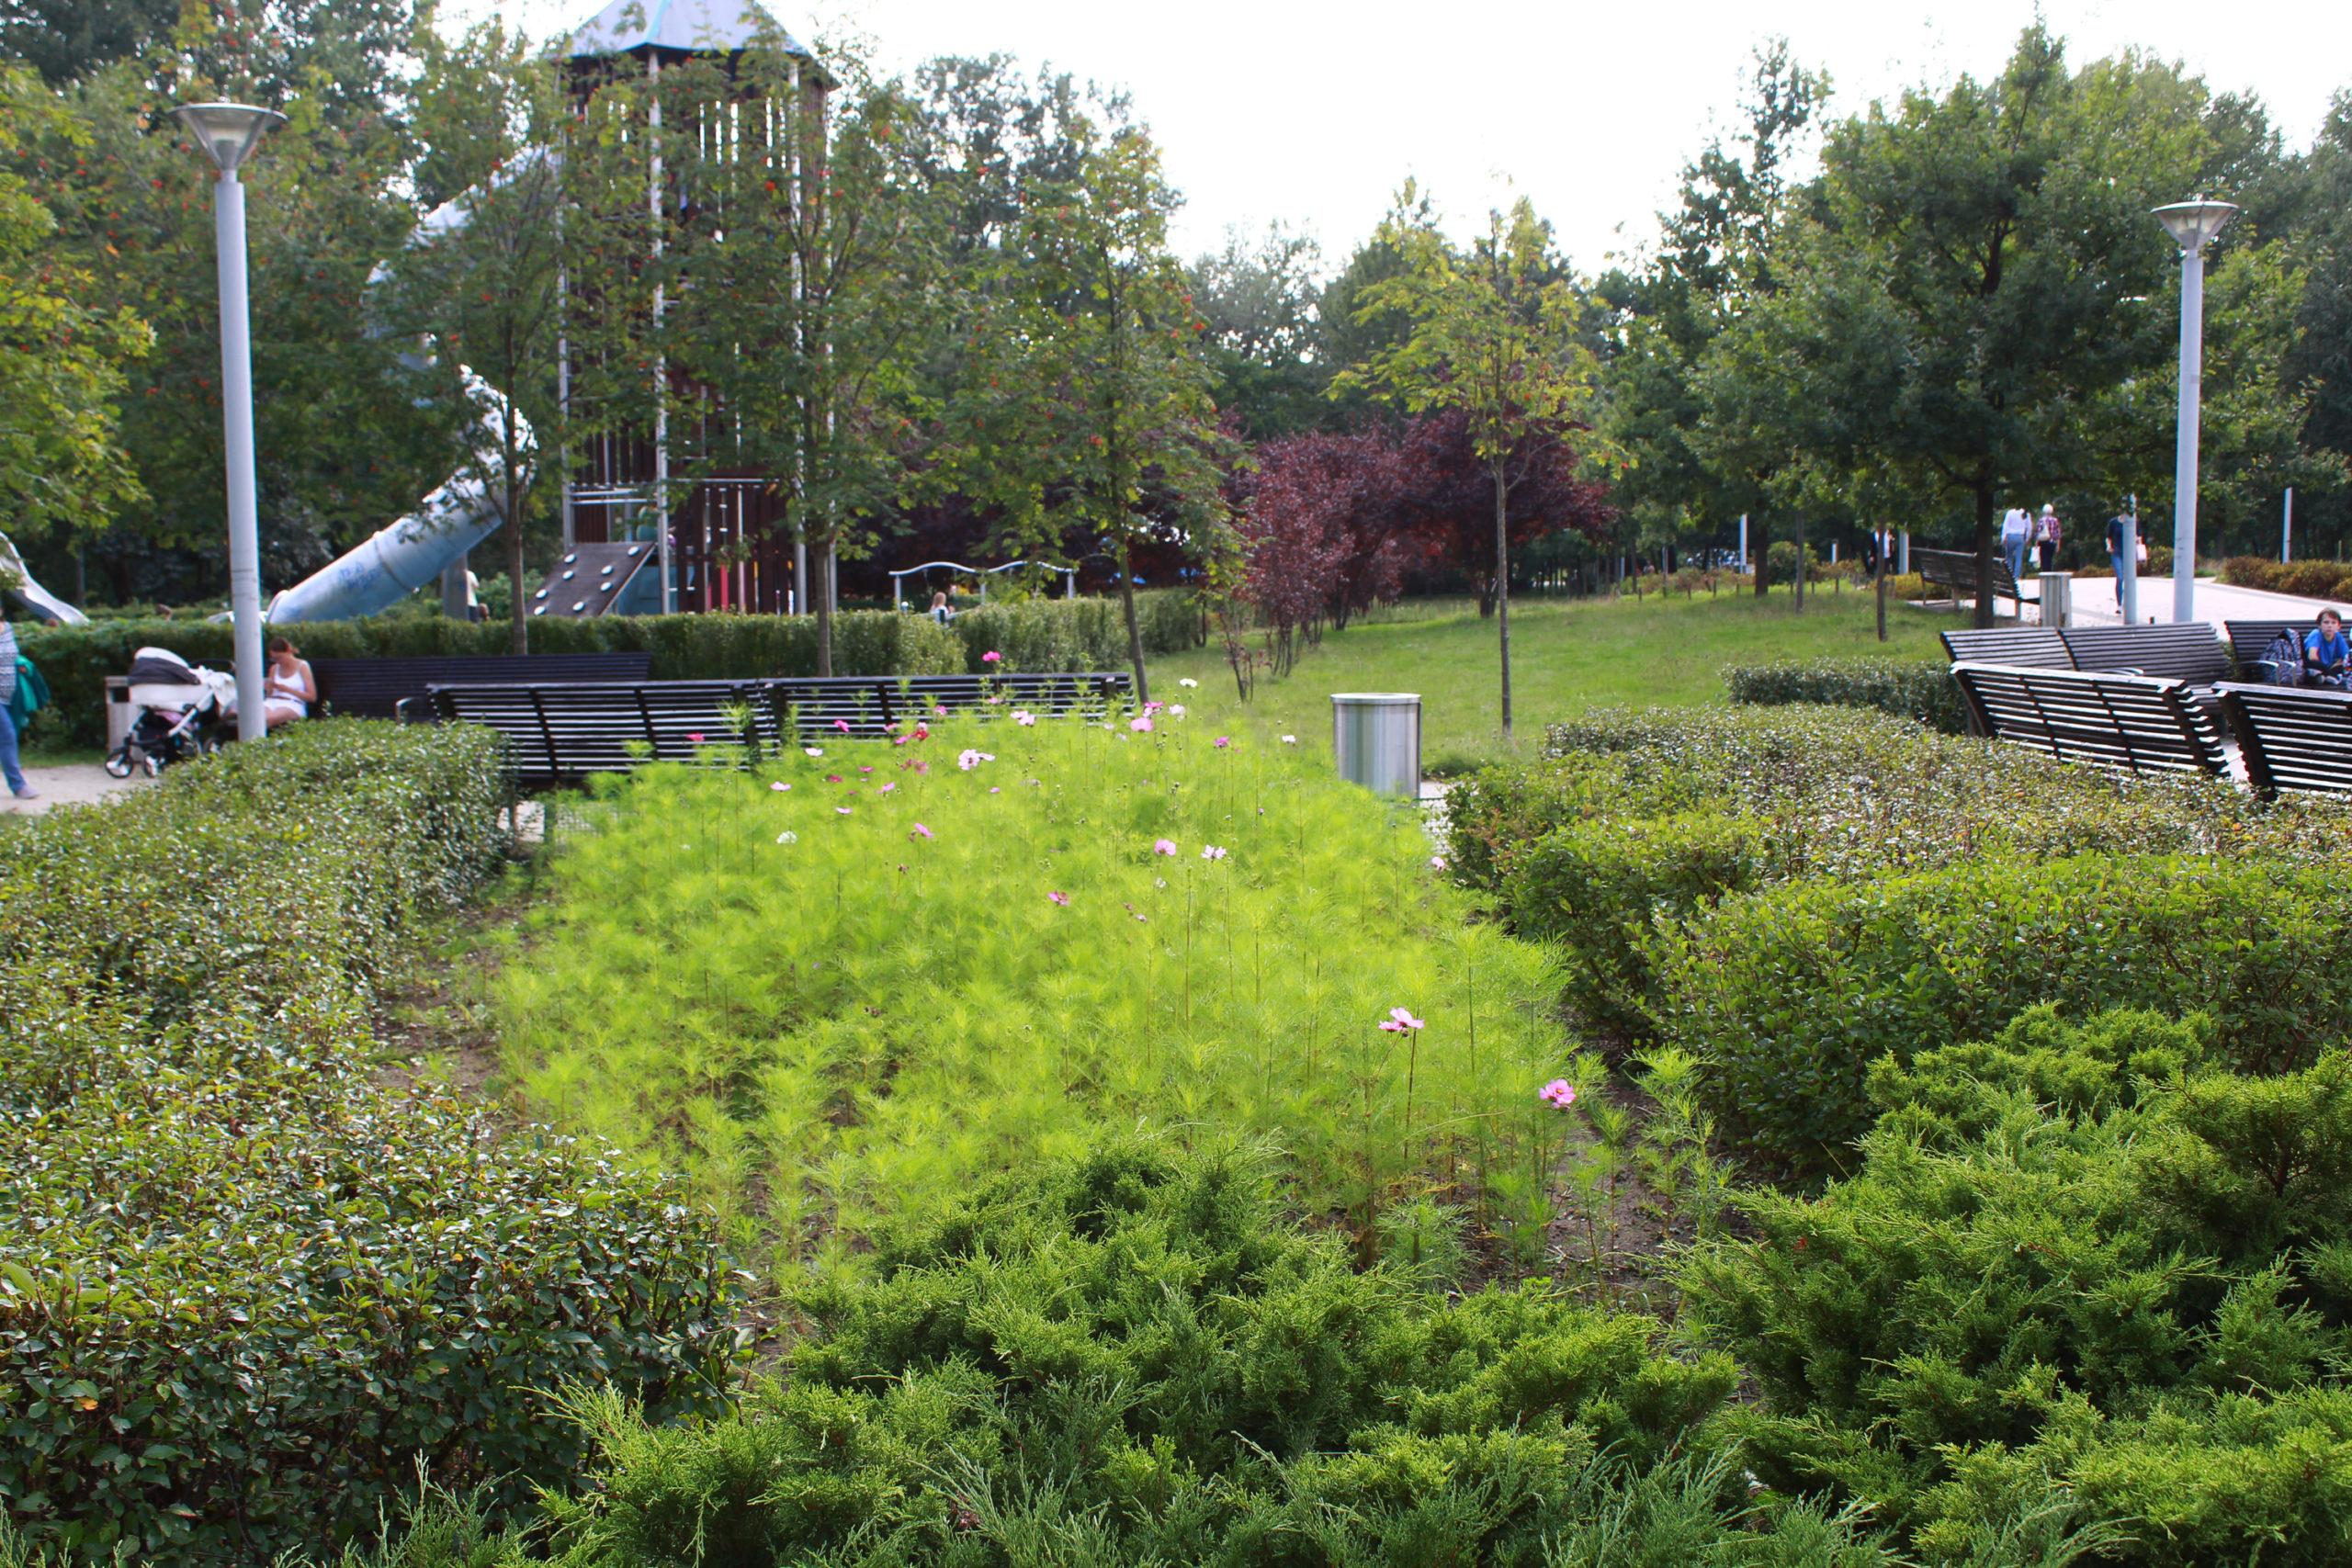 zieleń przy placu zabaw